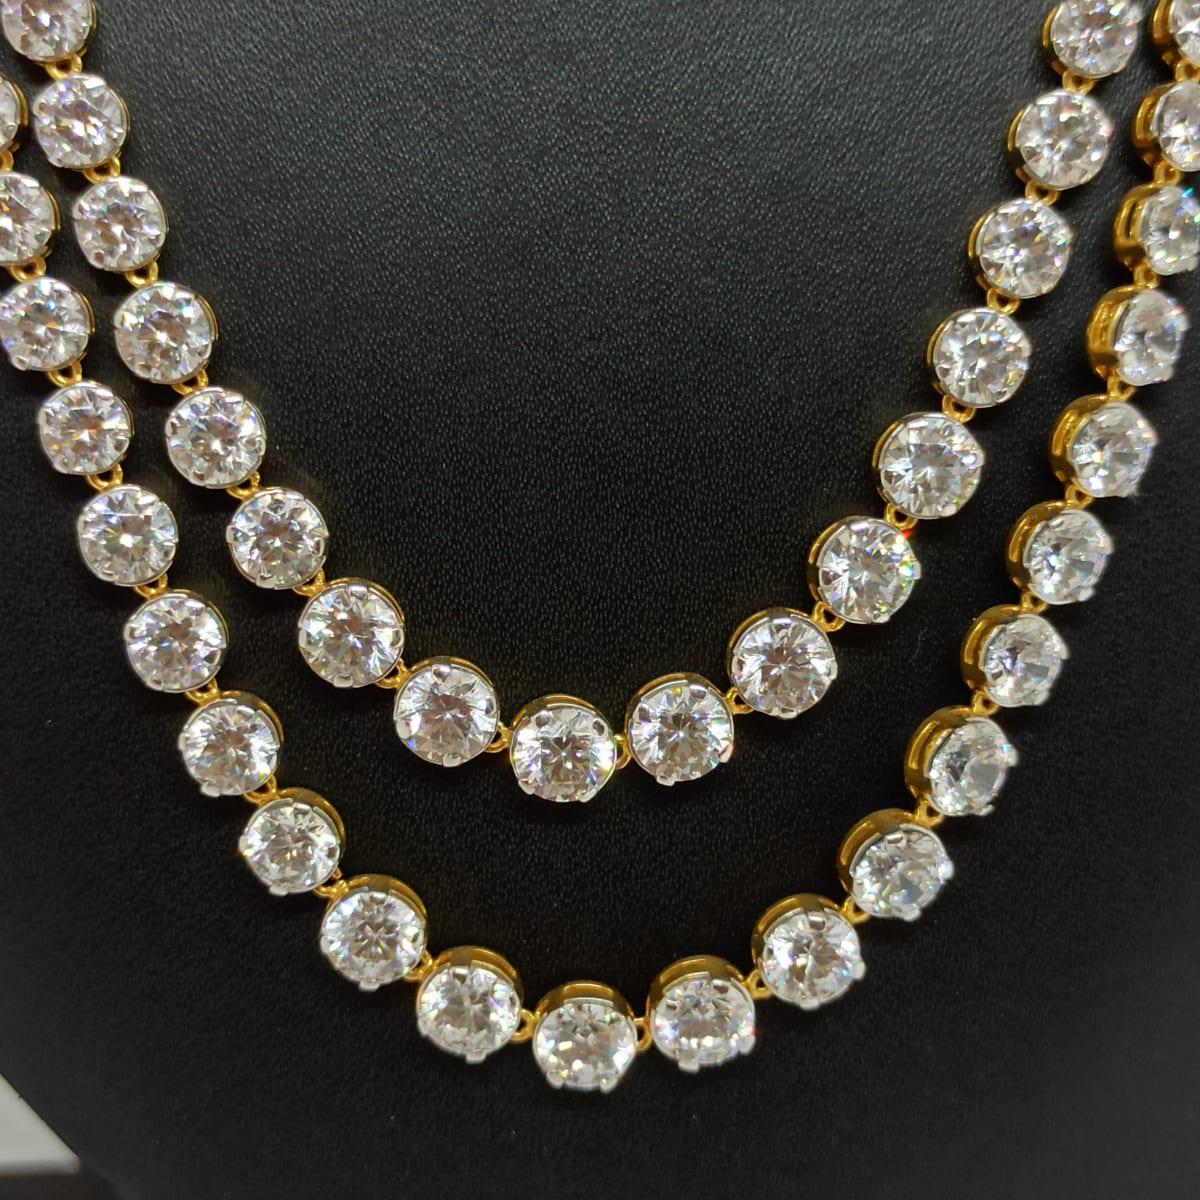 Cz Stone Necklace